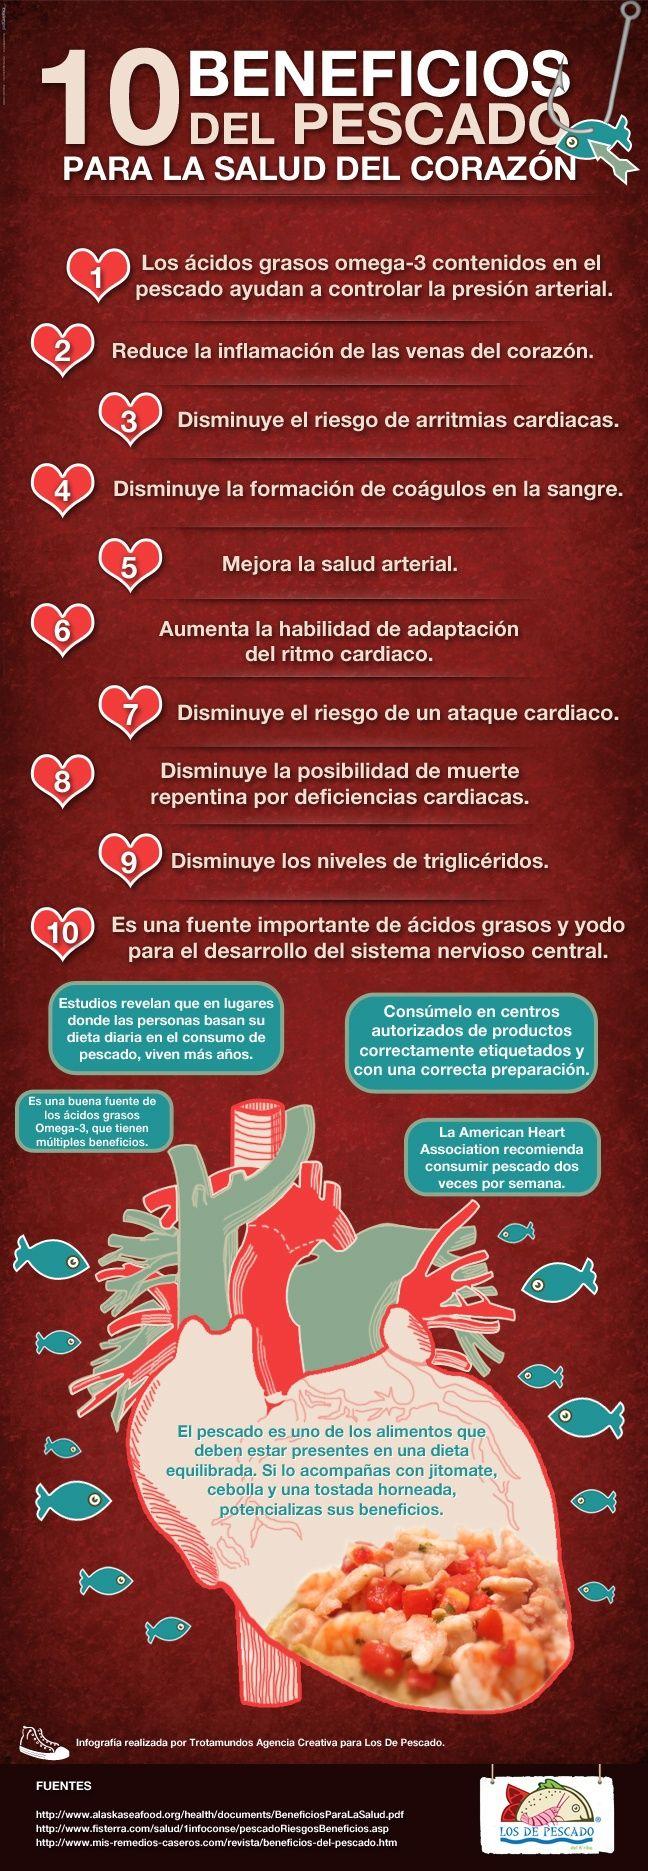 10 beneficios del pescado para la salud del corazón